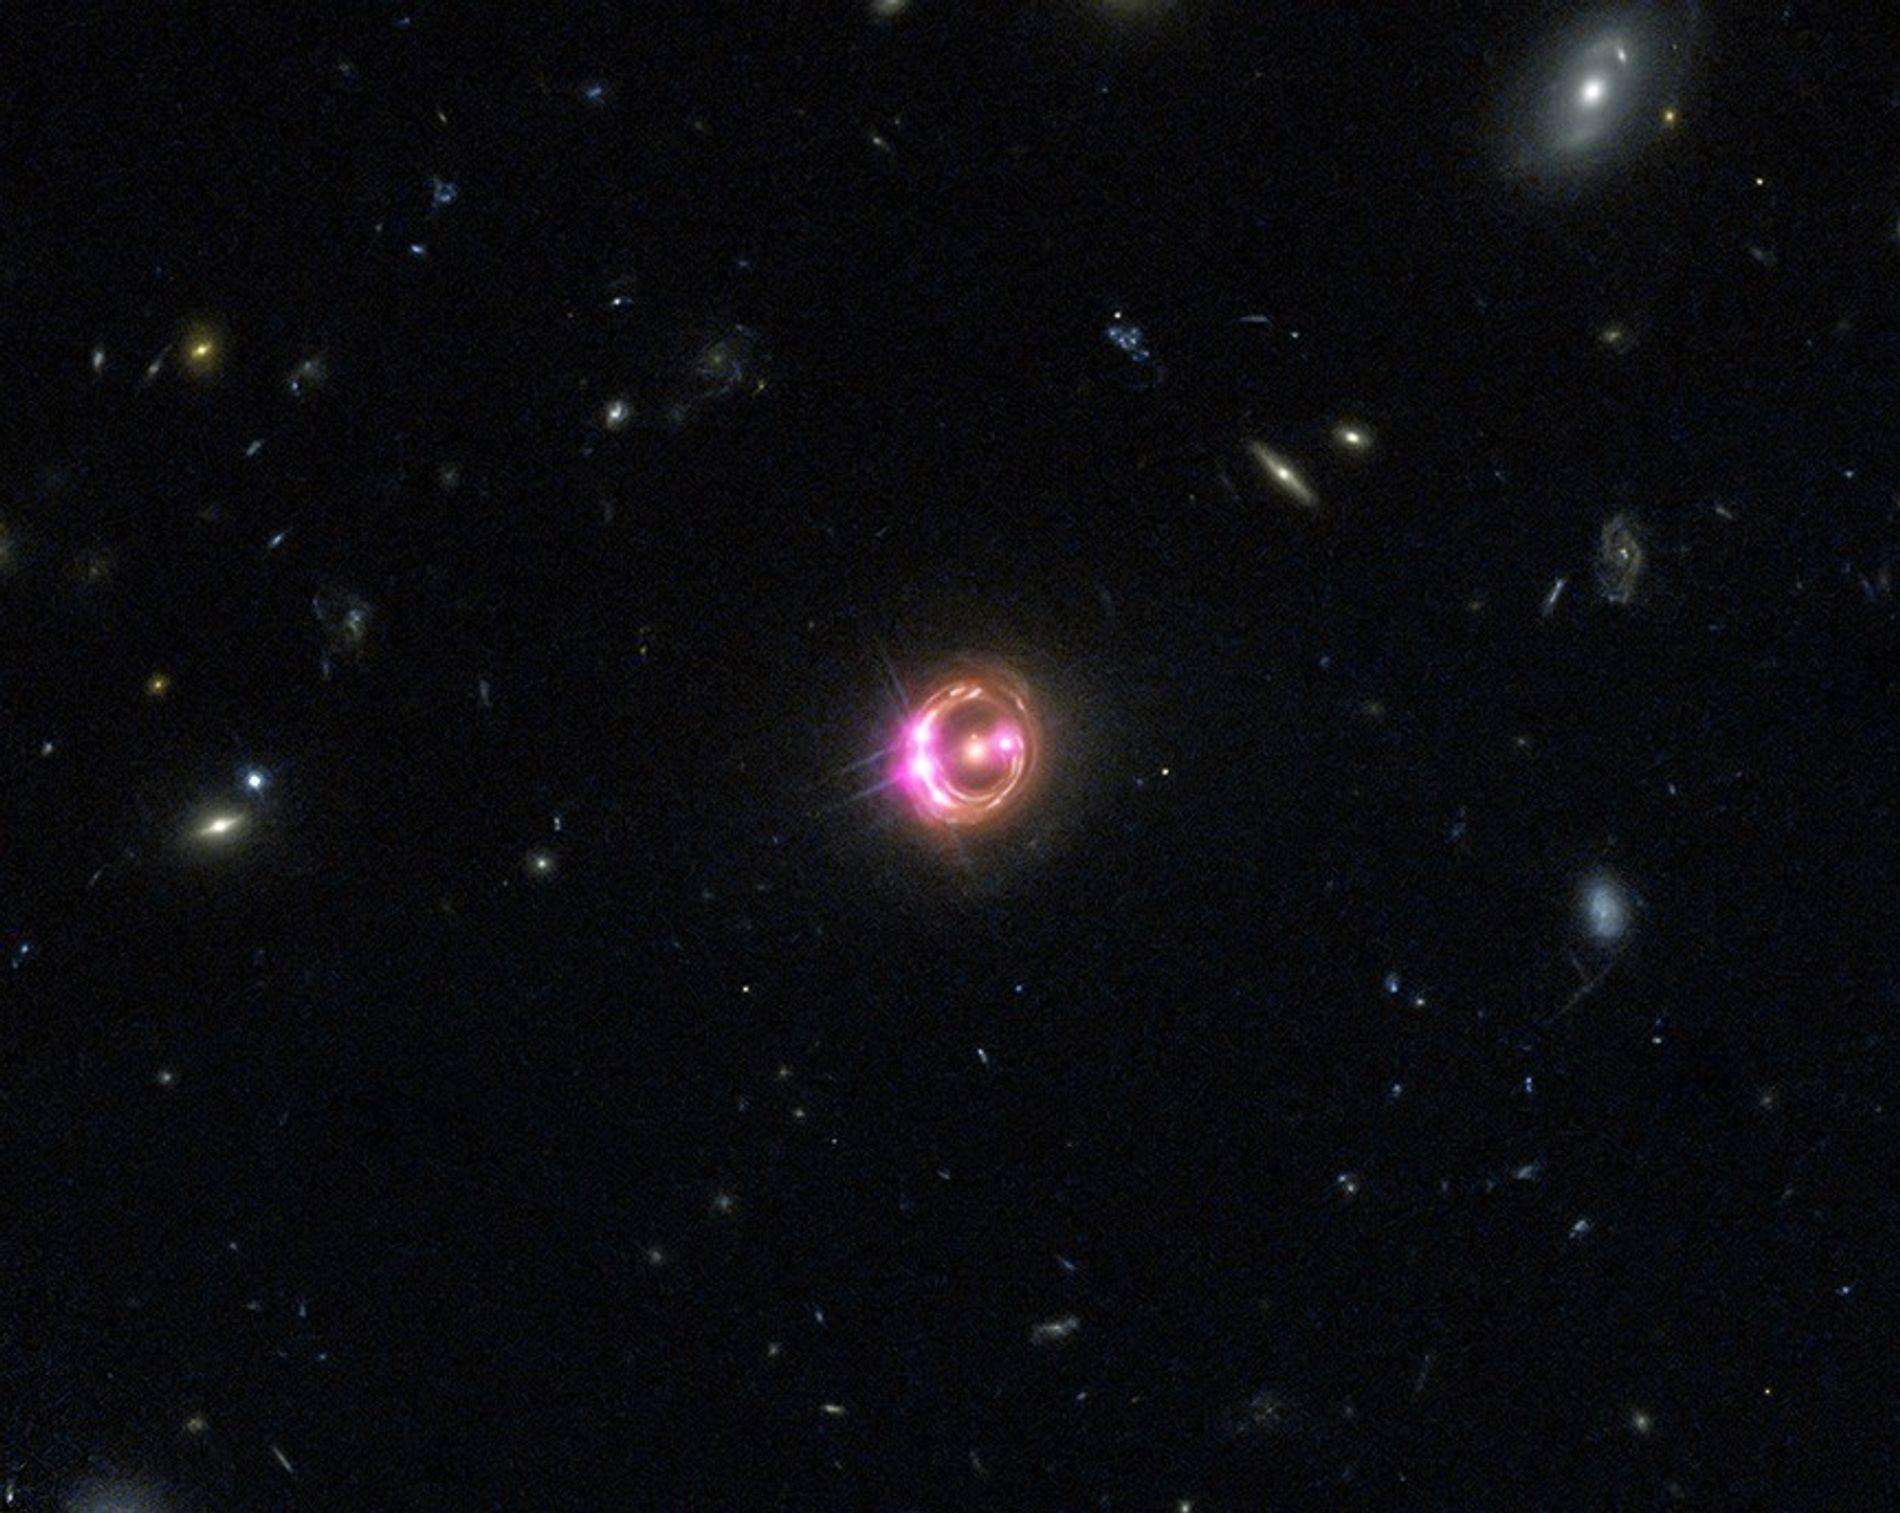 Sur cette image qui associe les données de l'Observatoire de rayons X Chandra et du télescope ...